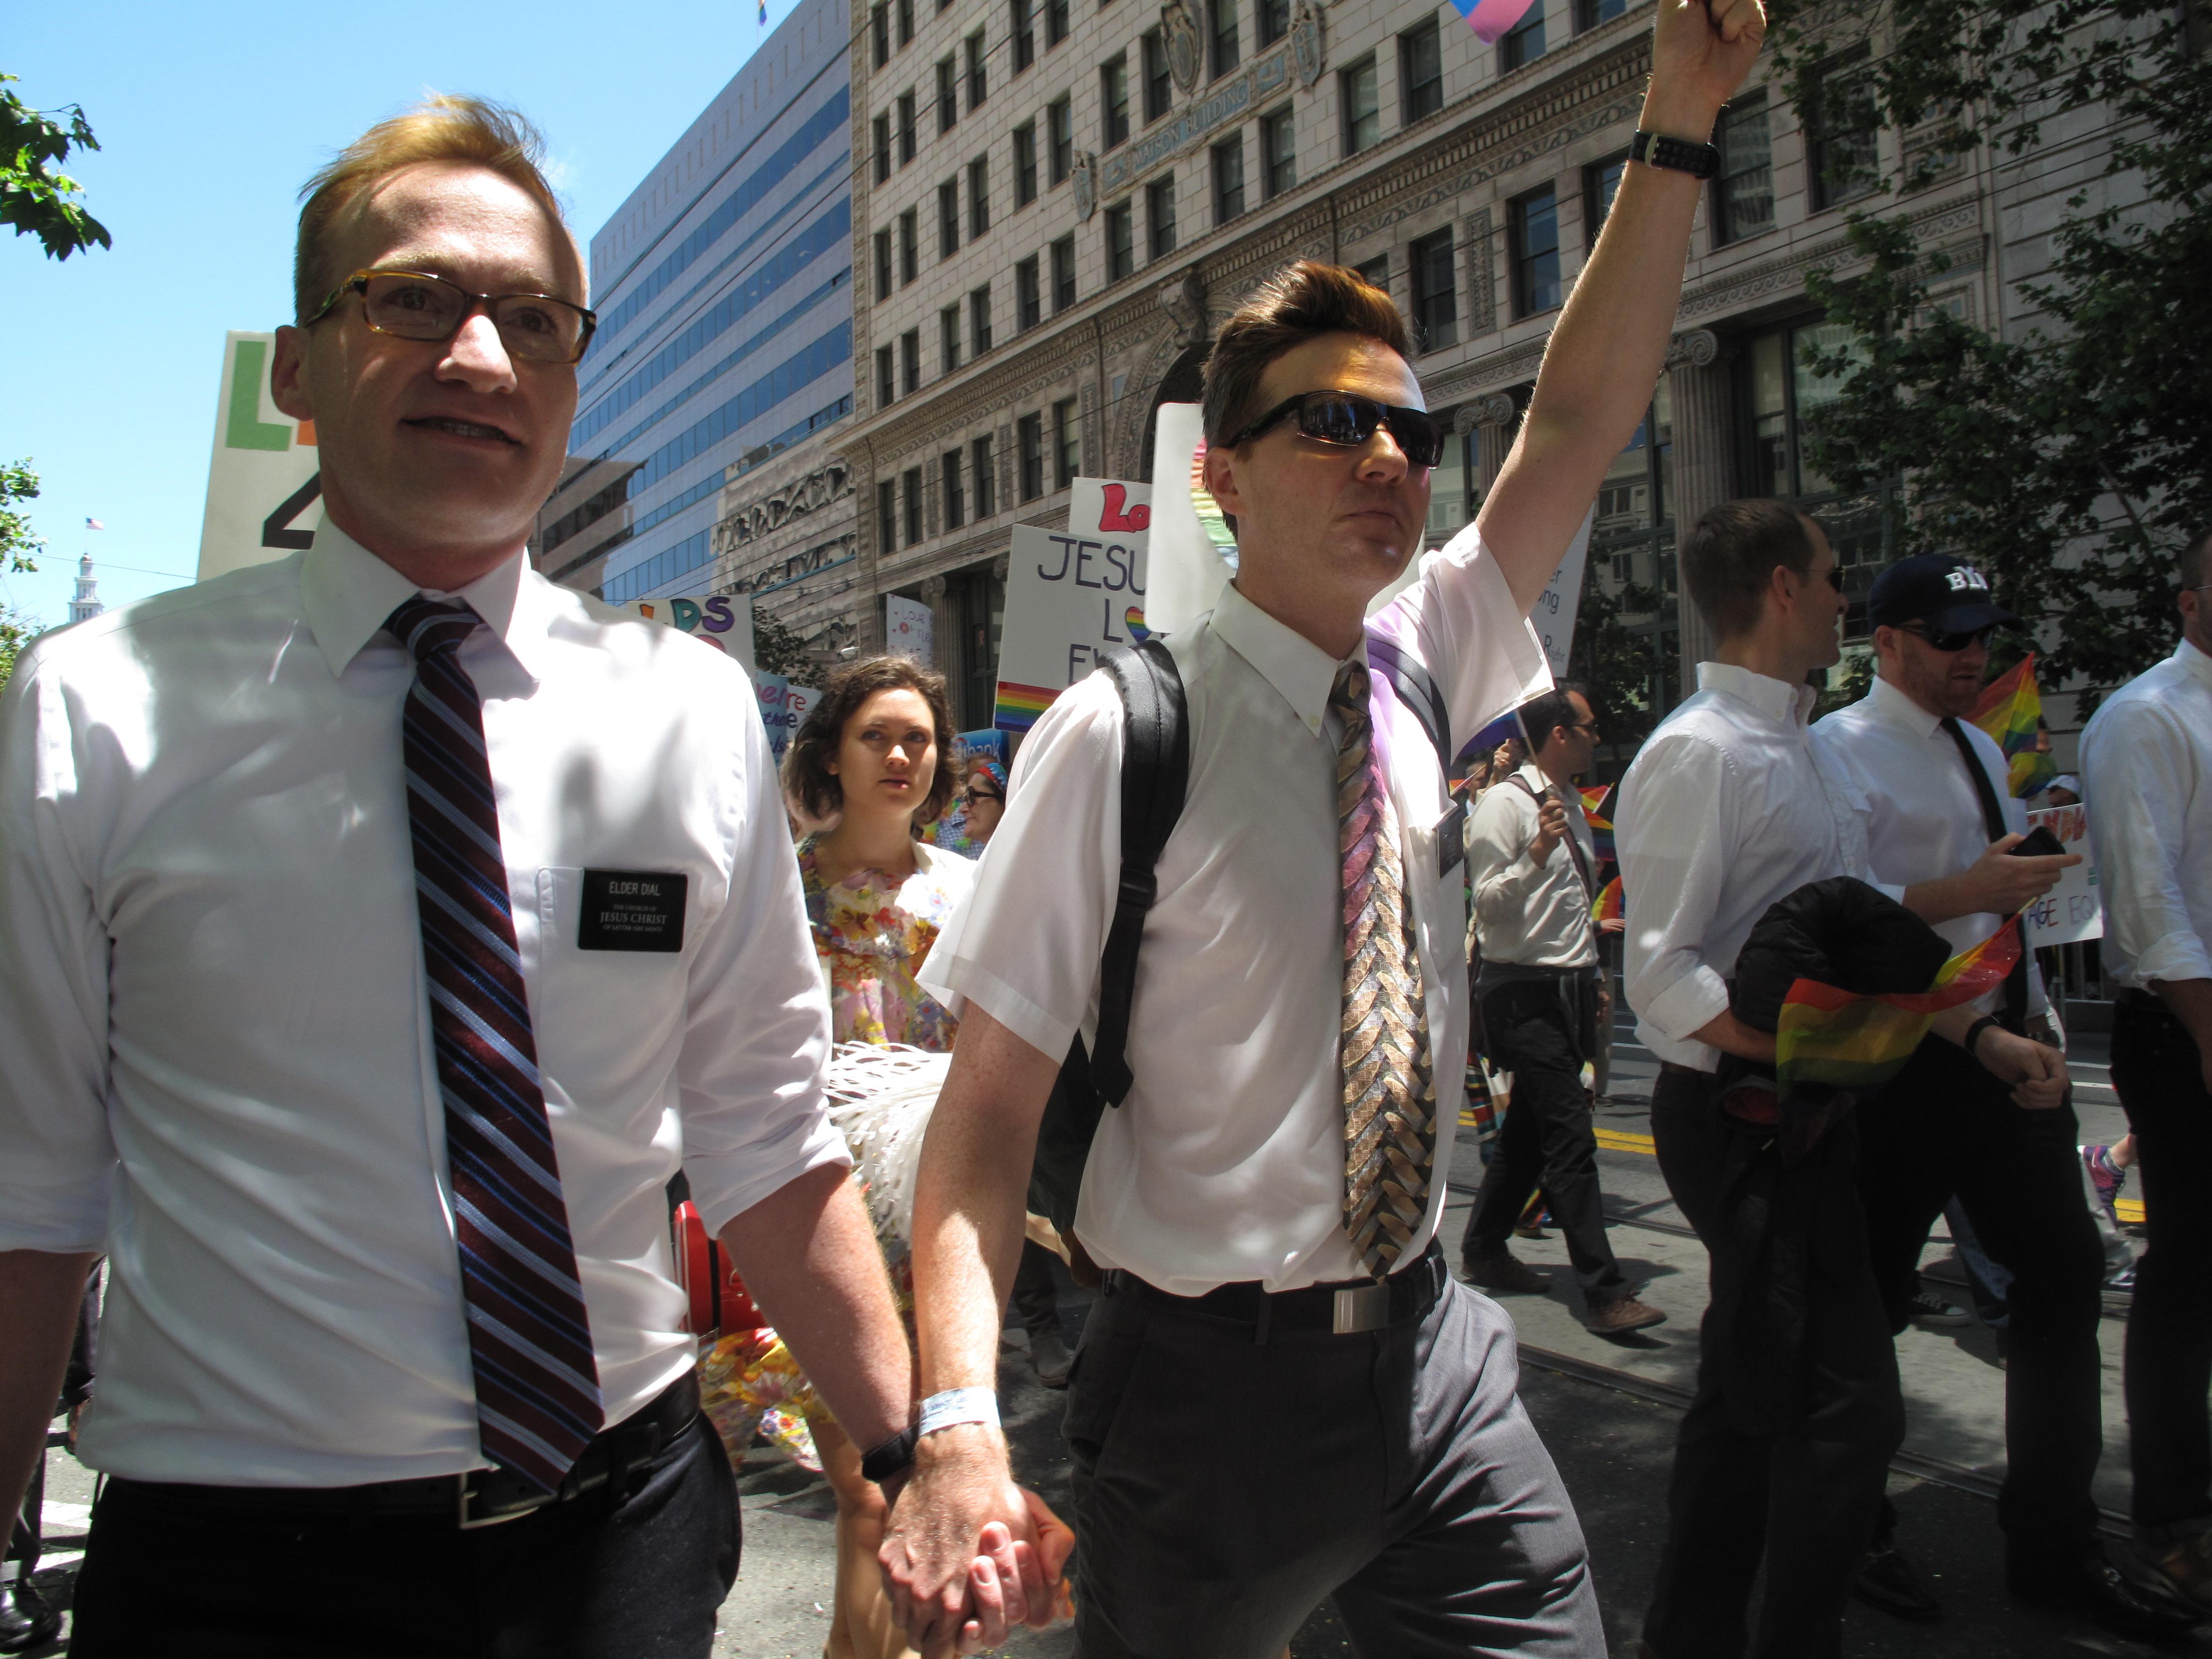 Resultado de imagem para mormons gay